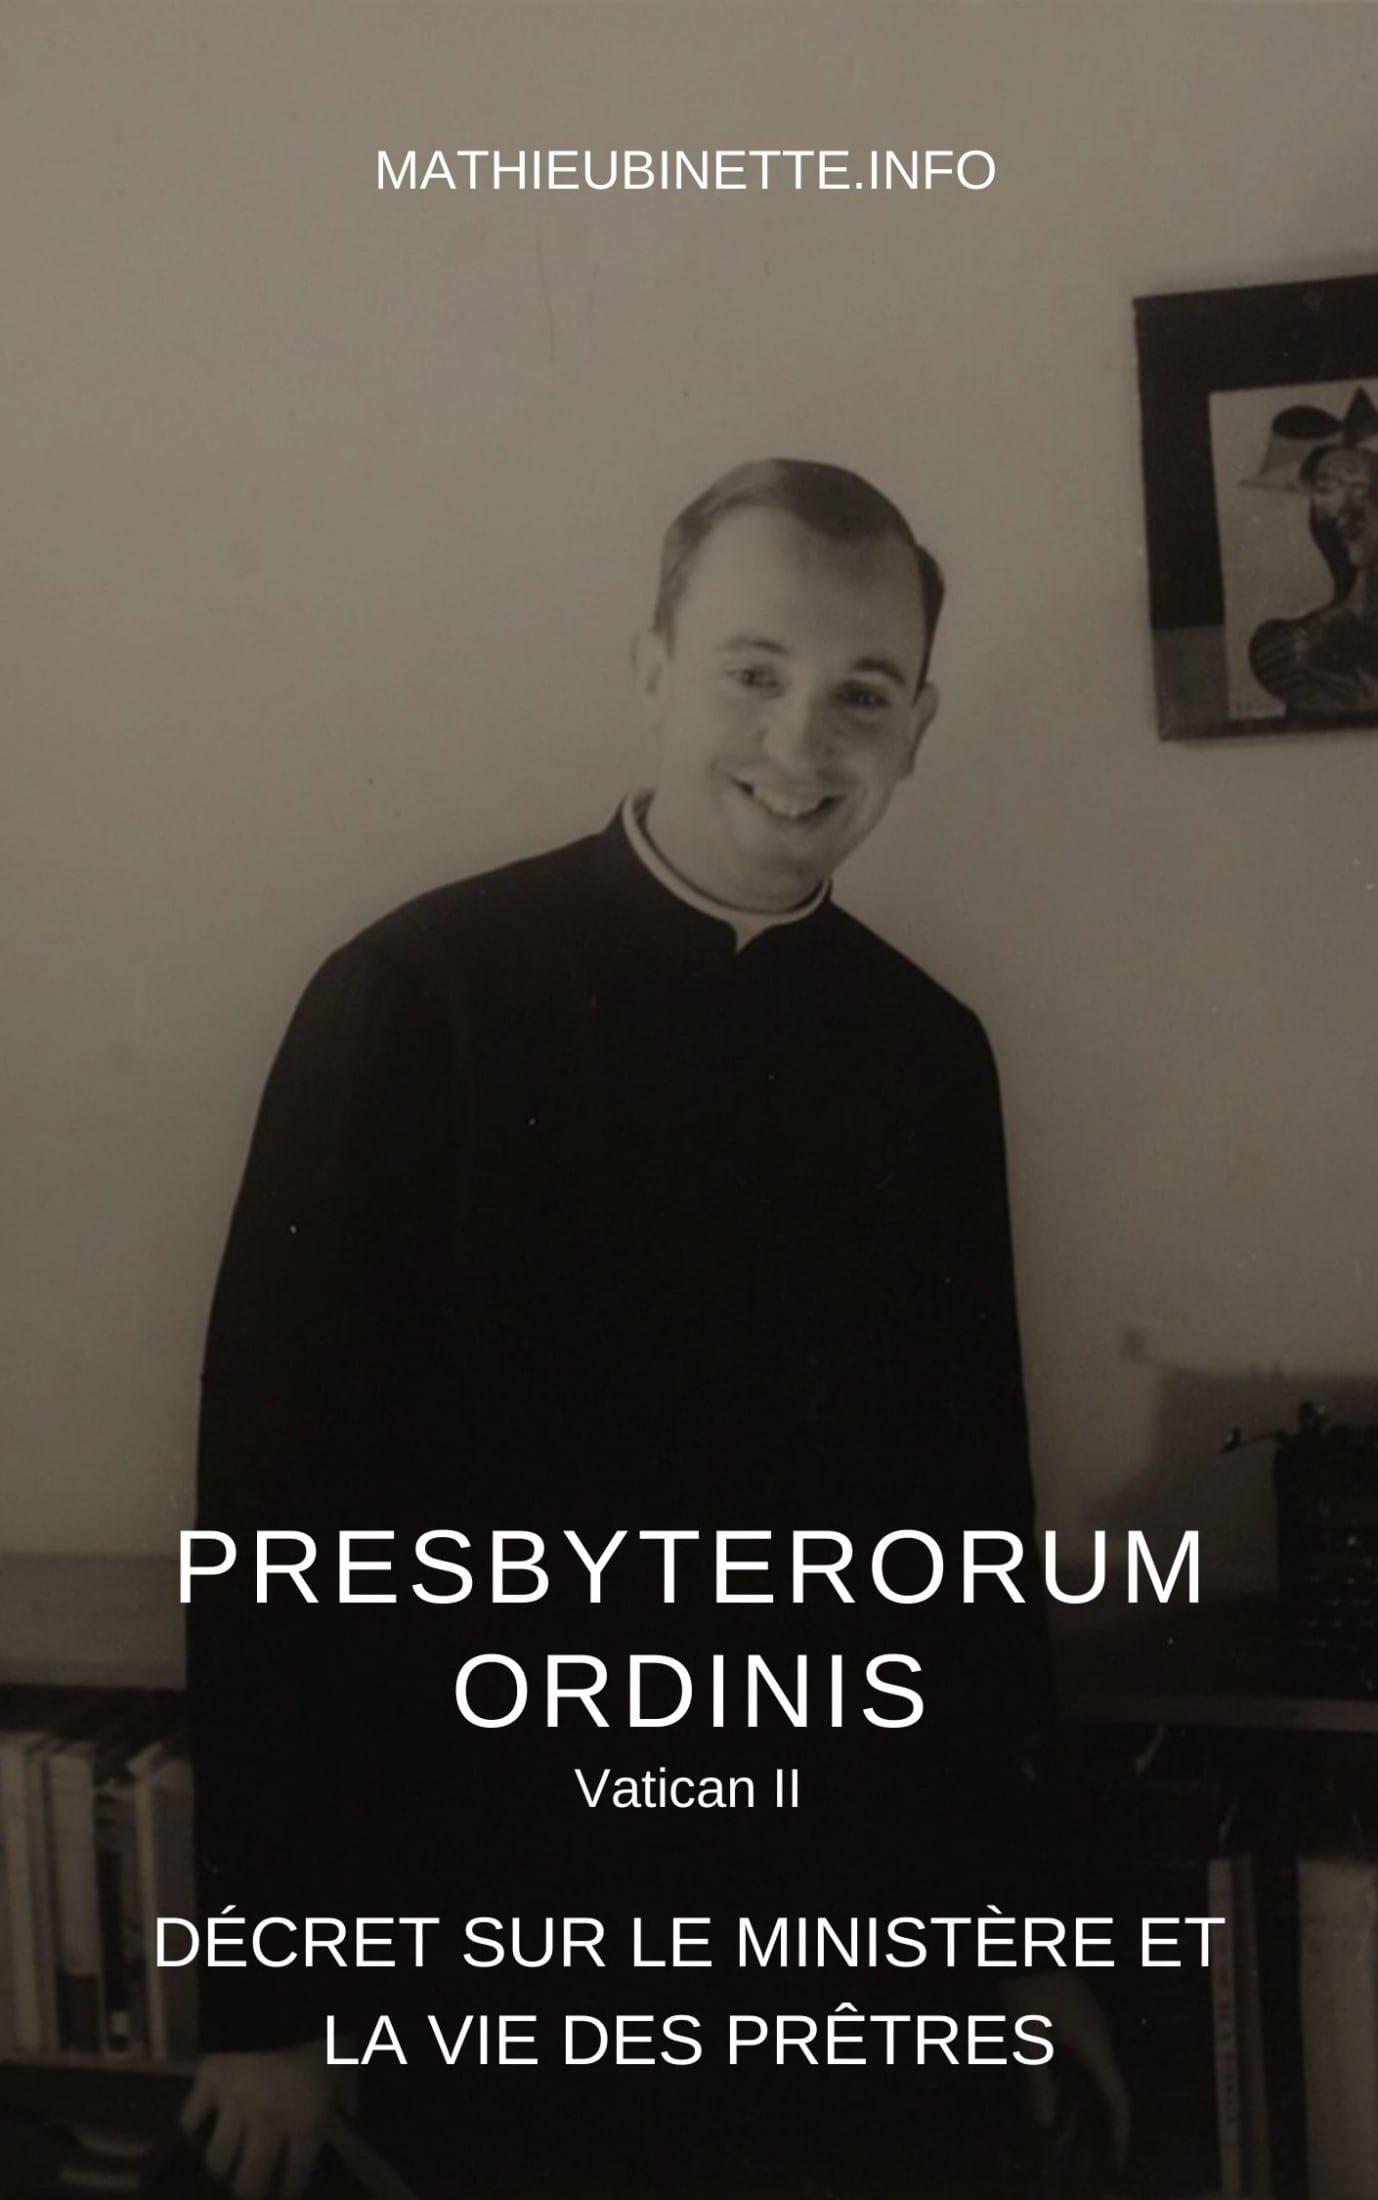 Téléchargez le décret Presbyterorum Ordinis pour le lire confortablement sur votre tablette ou votre ordinateur.